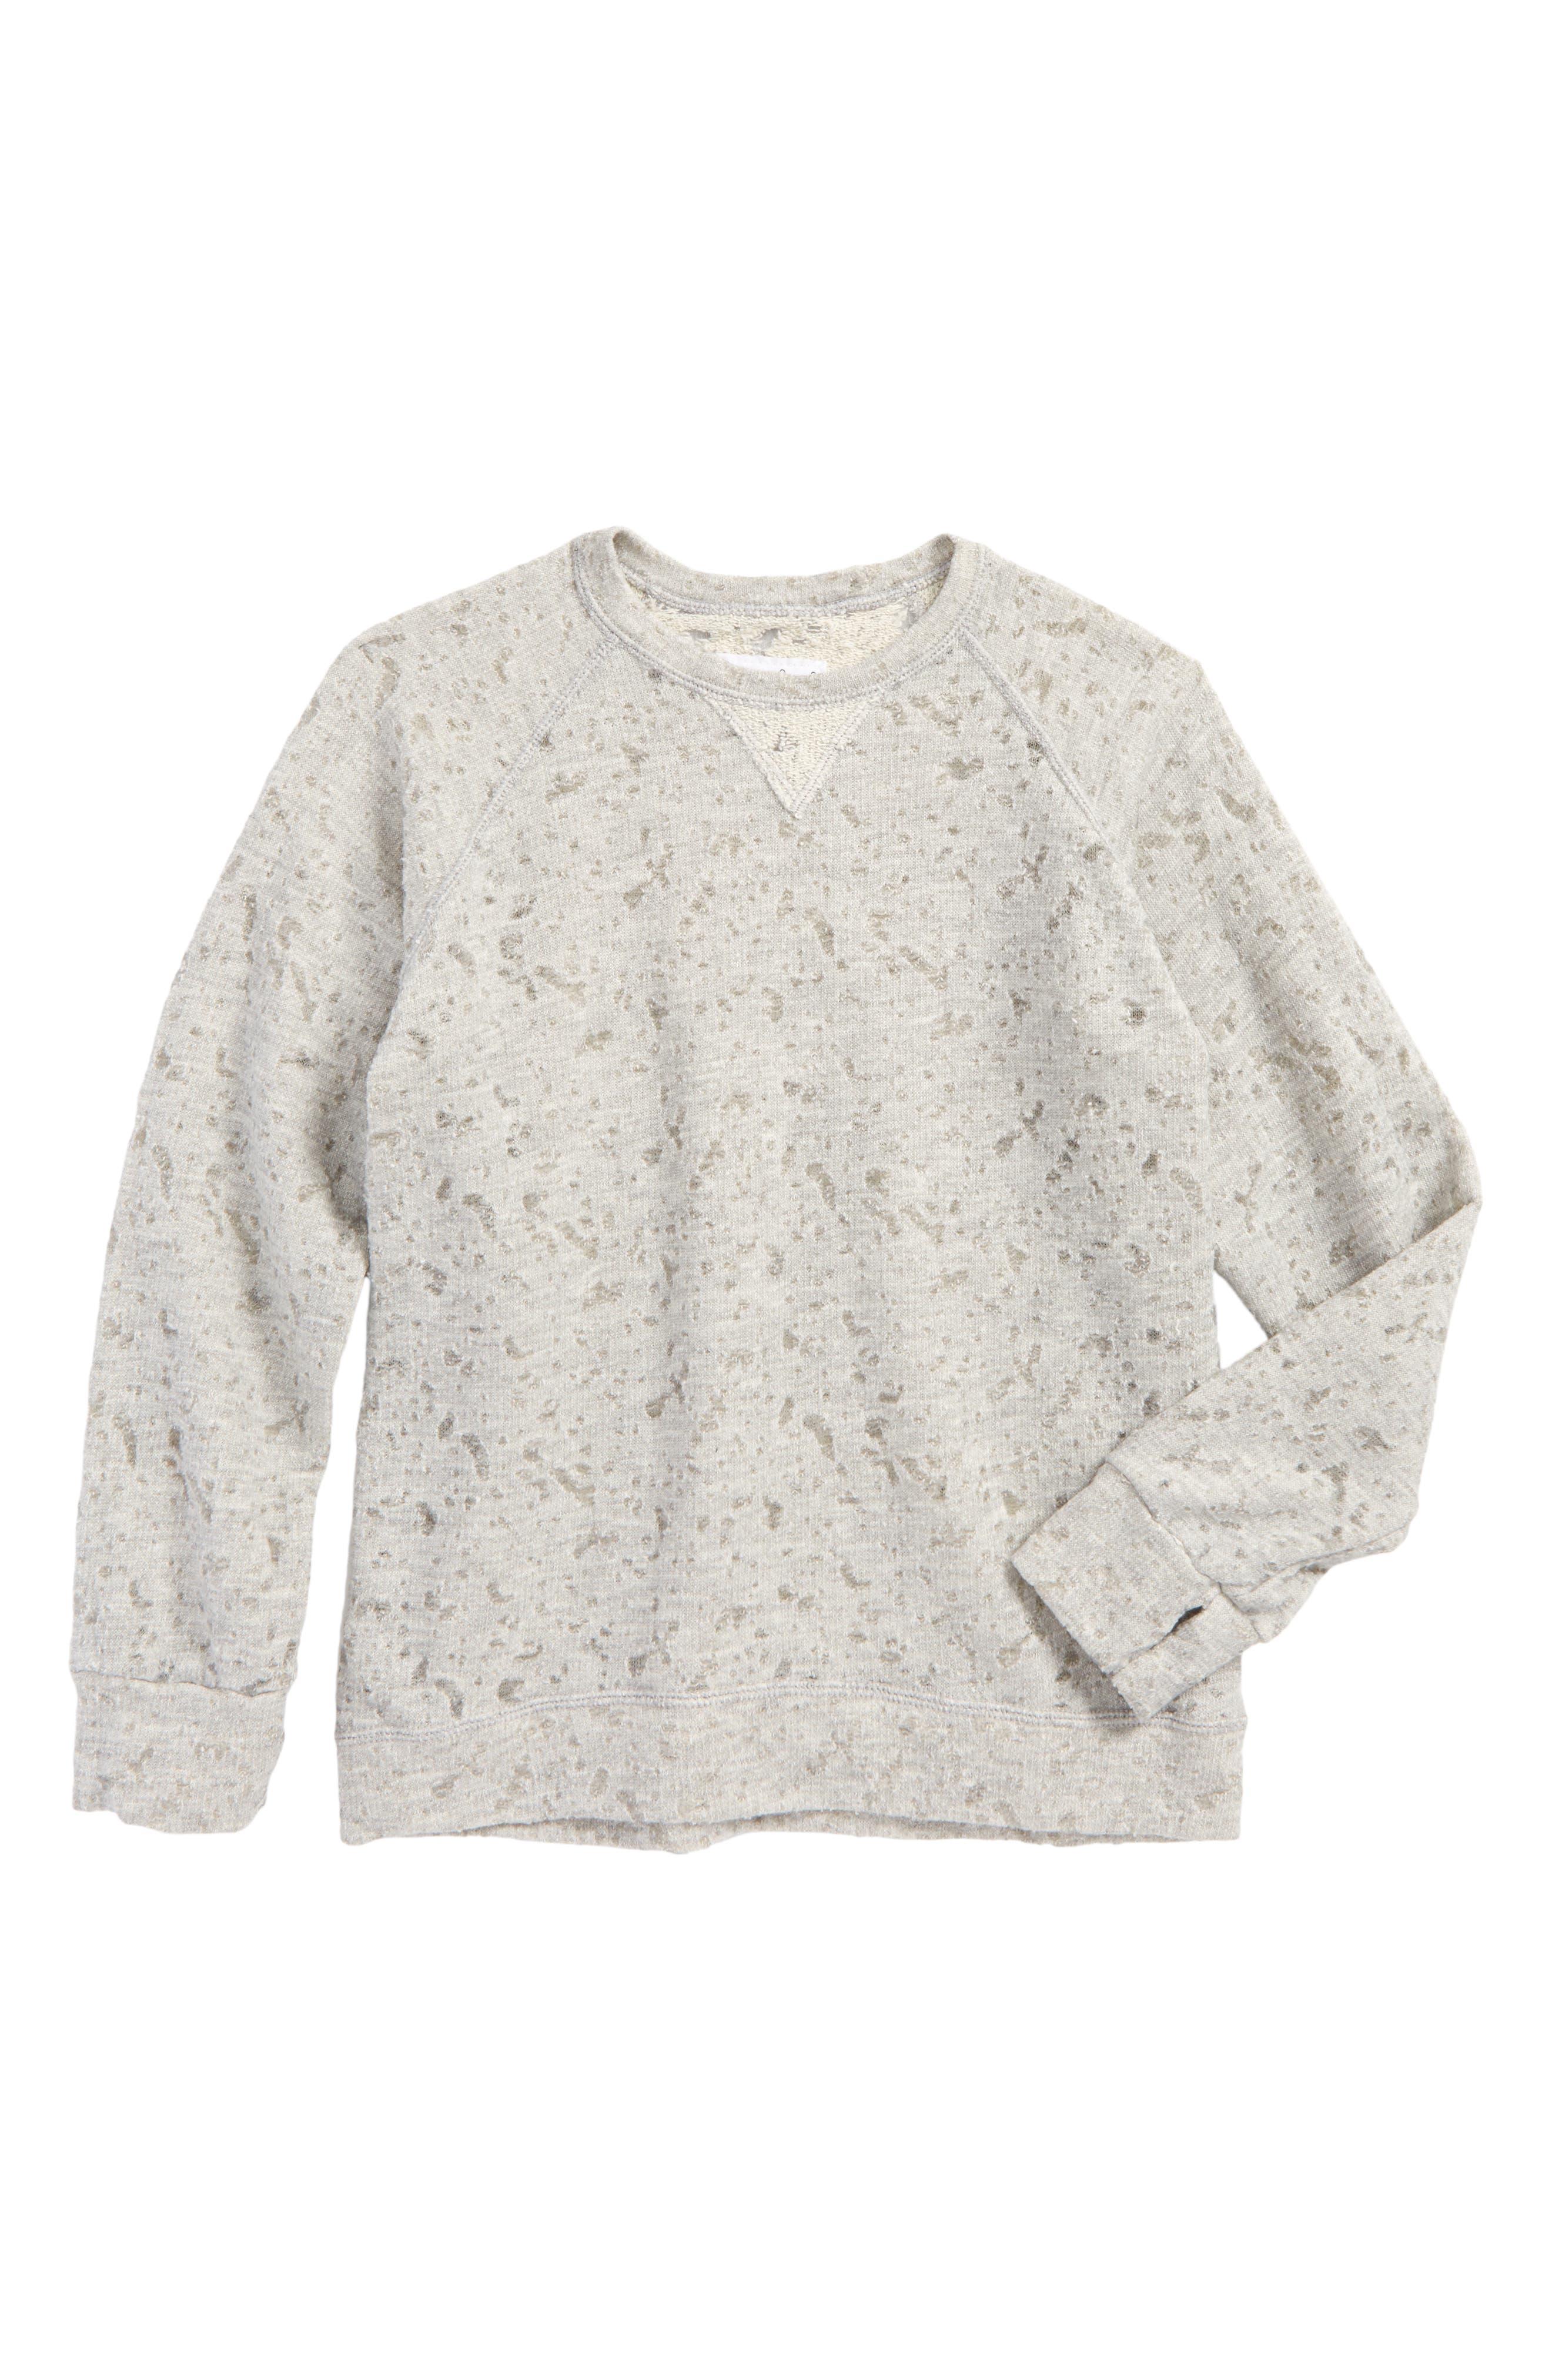 Deconstructed Sweatshirt,                         Main,                         color, 050